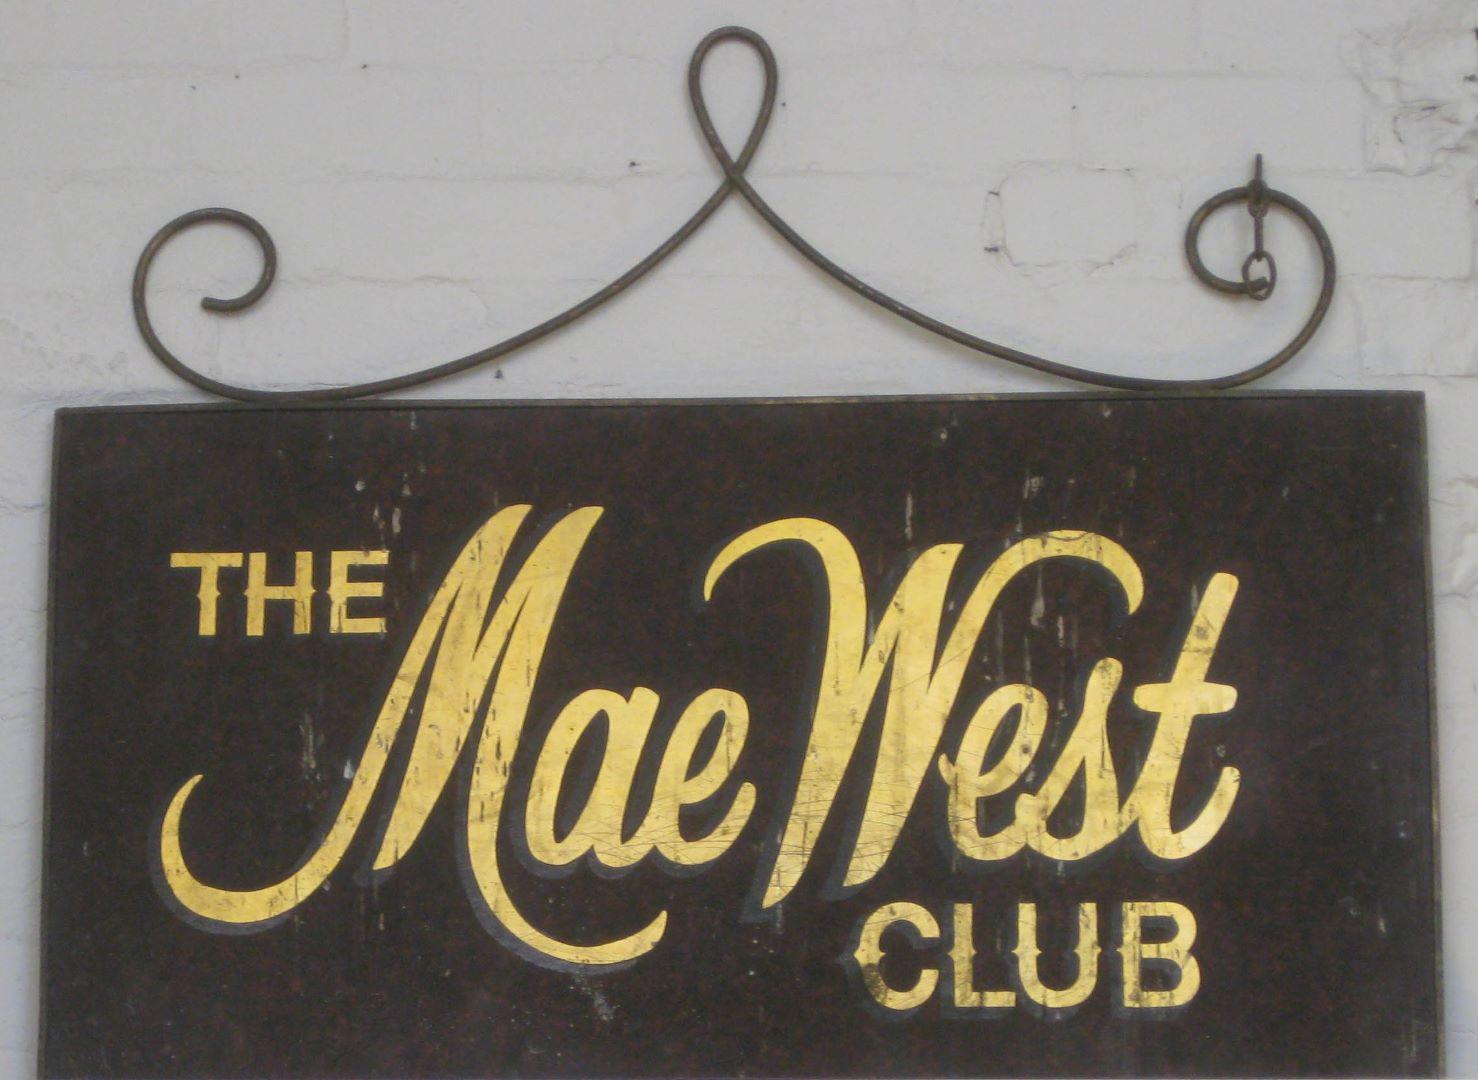 The Mae West Club [sign], c.1969